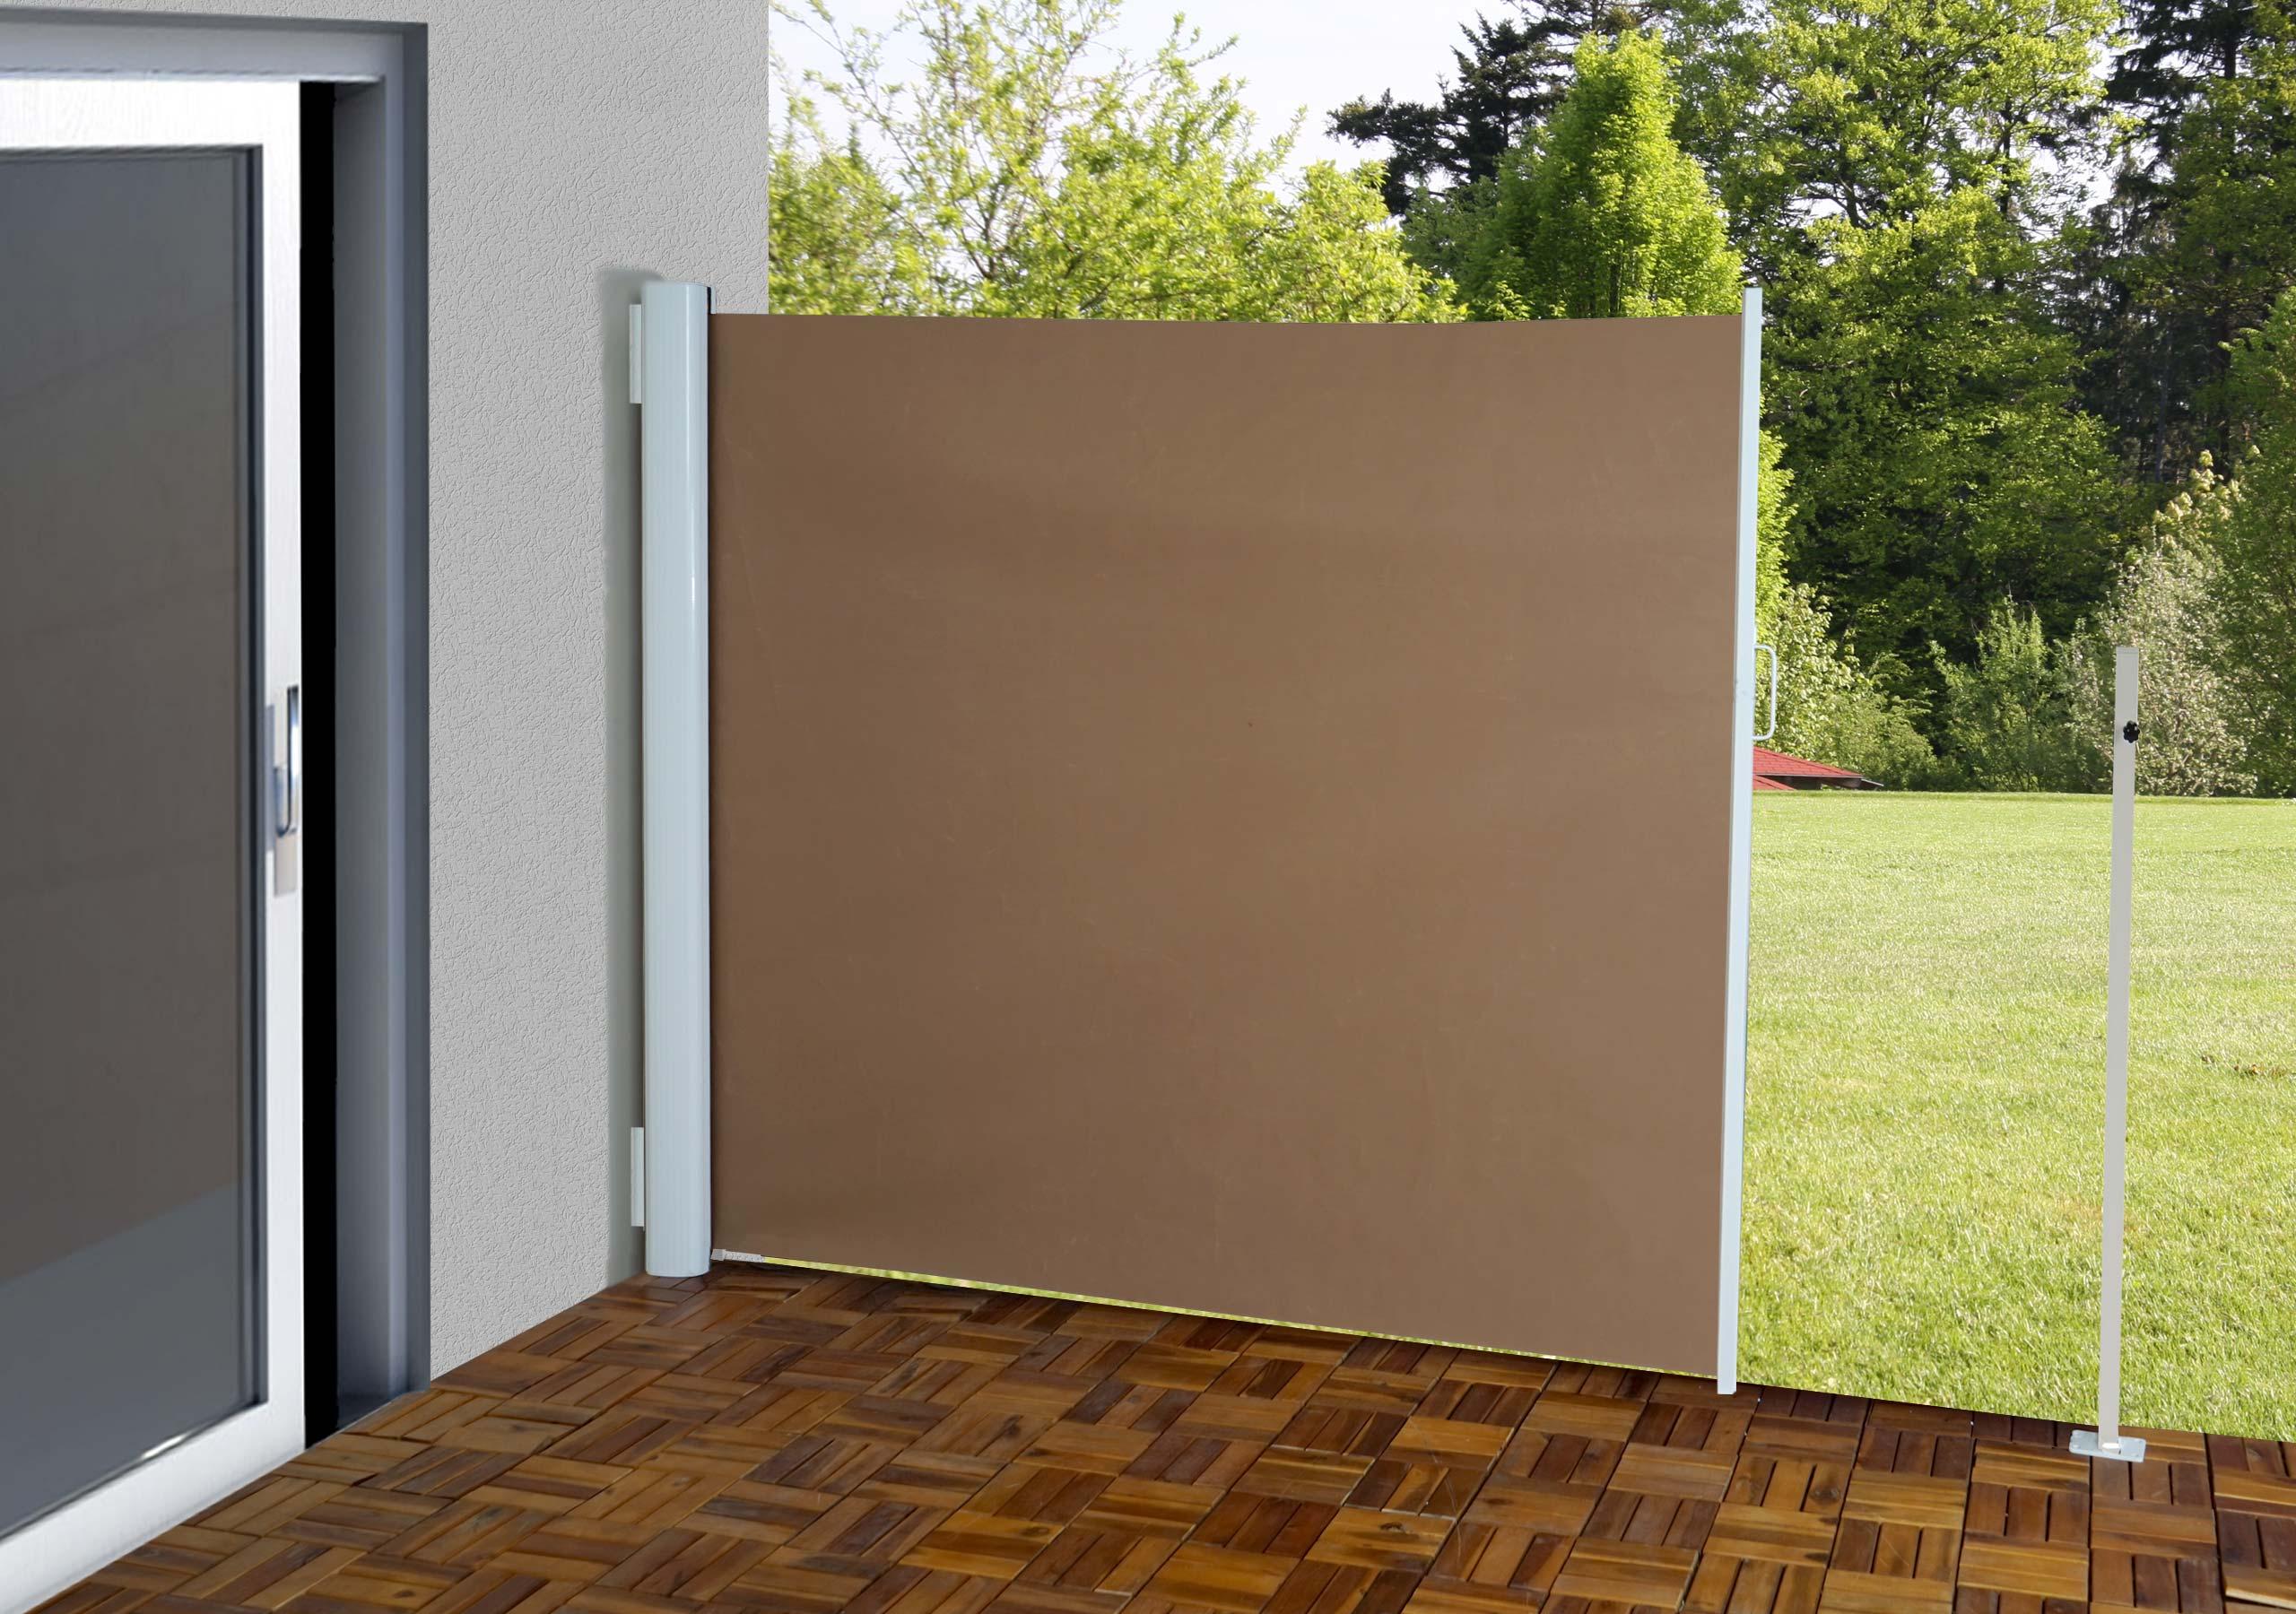 Paravento laterale per esterni poliestere telaio in - Paravento per esterno ...